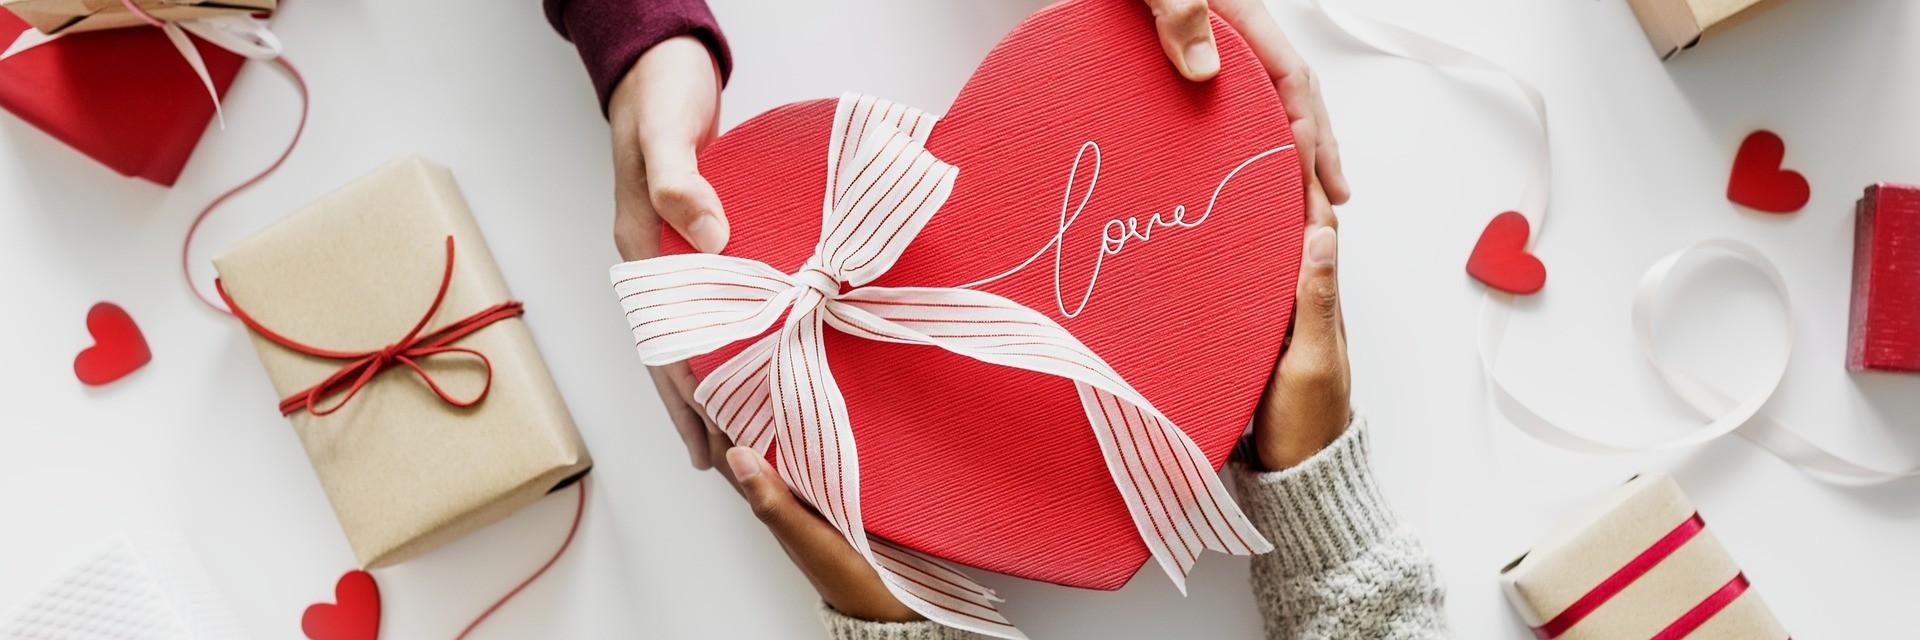 Fature mais com o Dia dos Namorados. Foto: Pixabay.